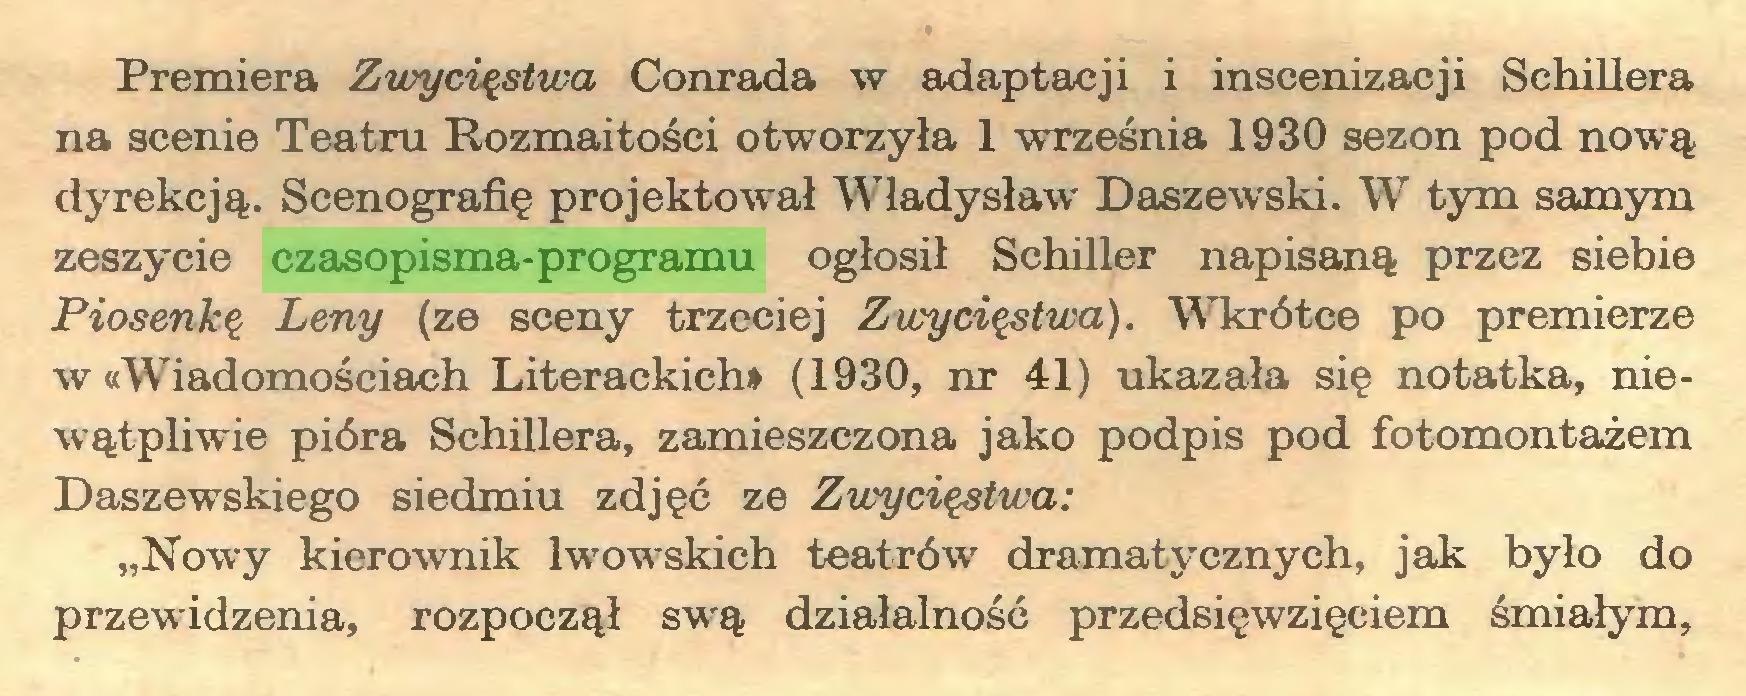 """(...) Premiera Zwycięstwa Conrada w adaptacji i inscenizacji Schillera na scenie Teatru Rozmaitości otworzyła 1 września 1930 sezon pod nową dyrekcją. Scenografię projektował Władysław Daszewski. W tym samym zeszycie czasopisma-programu ogłosił Schiller napisaną przez siebie Piosenkę Leny (ze sceny trzeciej Zwycięstwa). Wkrótce po premierze w «Wiadomościach Literackich* (1930, nr 41) ukazała się notatka, niewątpliwie pióra Schillera, zamieszczona jako podpis pod fotomontażem Daszewskiego siedmiu zdjęć ze Zwycięstwa: """"Nowy kierownik lwowskich teatrów dramatycznych, jak było do przewidzenia, rozpoczął swą działalność przedsięwzięciem śmiałym,..."""